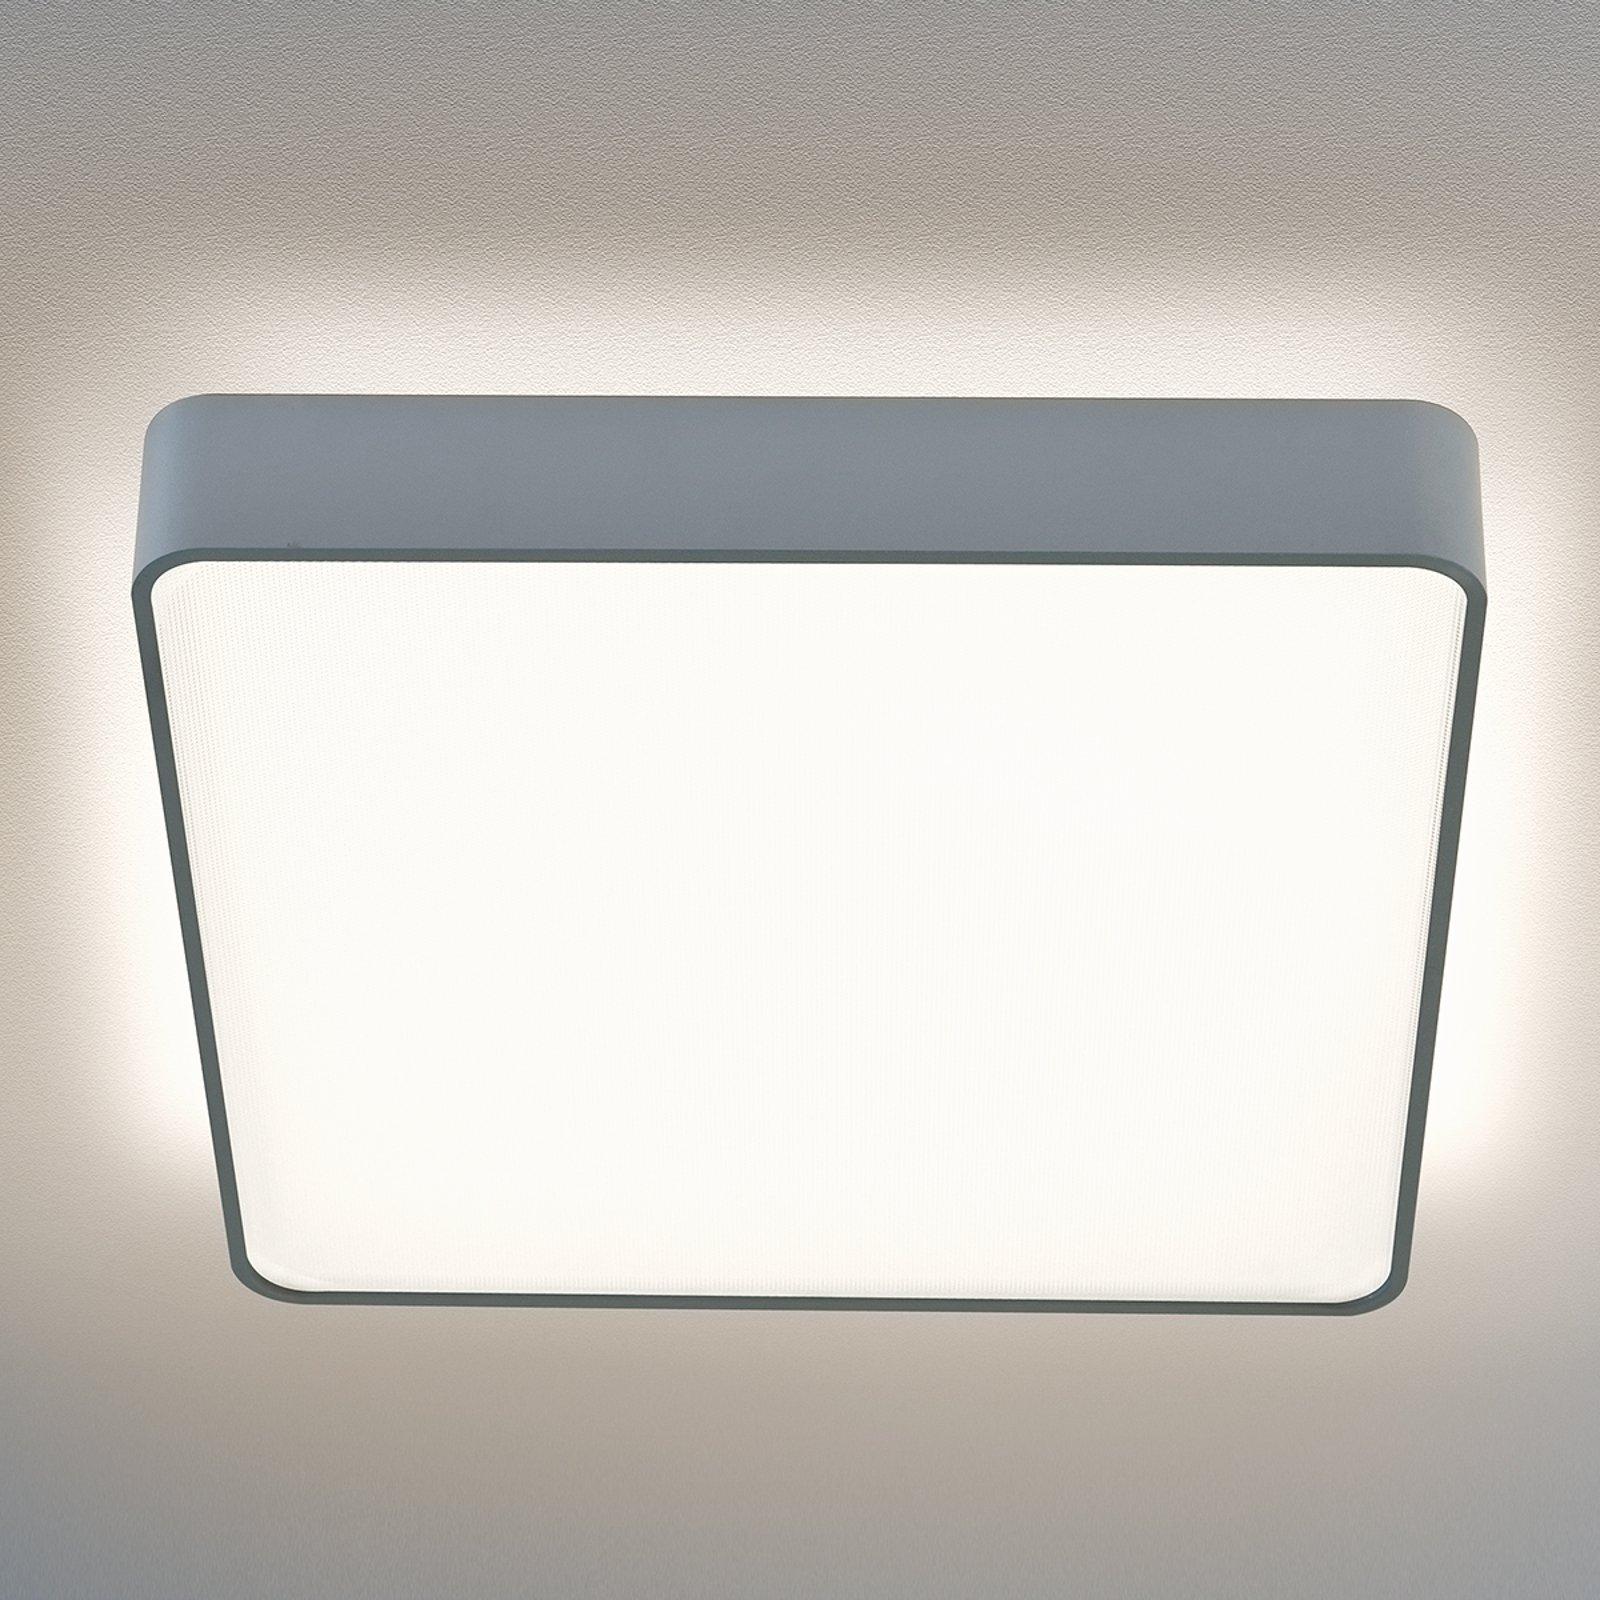 Caleo-X2 taklampe LED varmhvit 61,4 cm